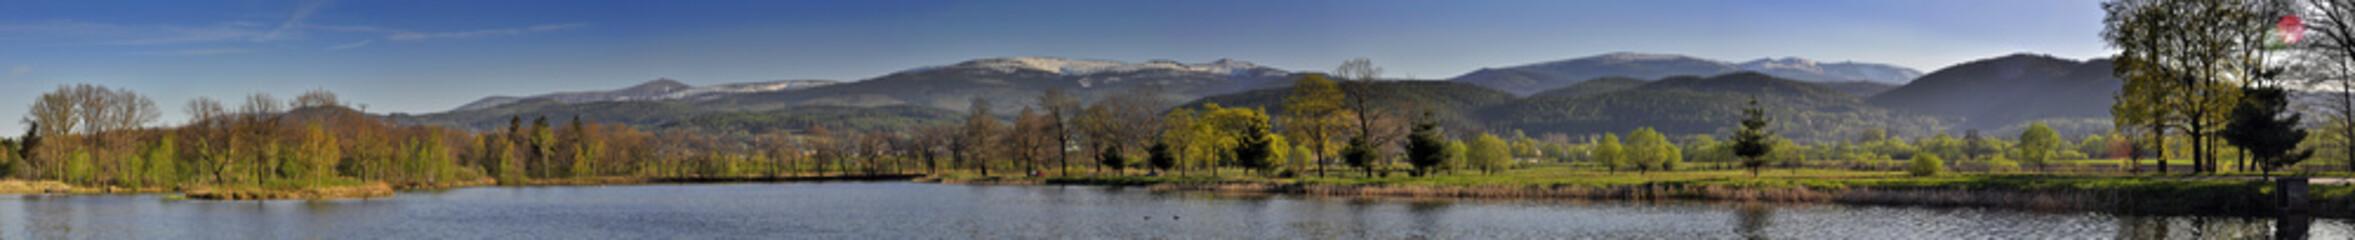 Fototapeta Panorama Karkonoszy ze Stawów Podgórzyńskich obraz